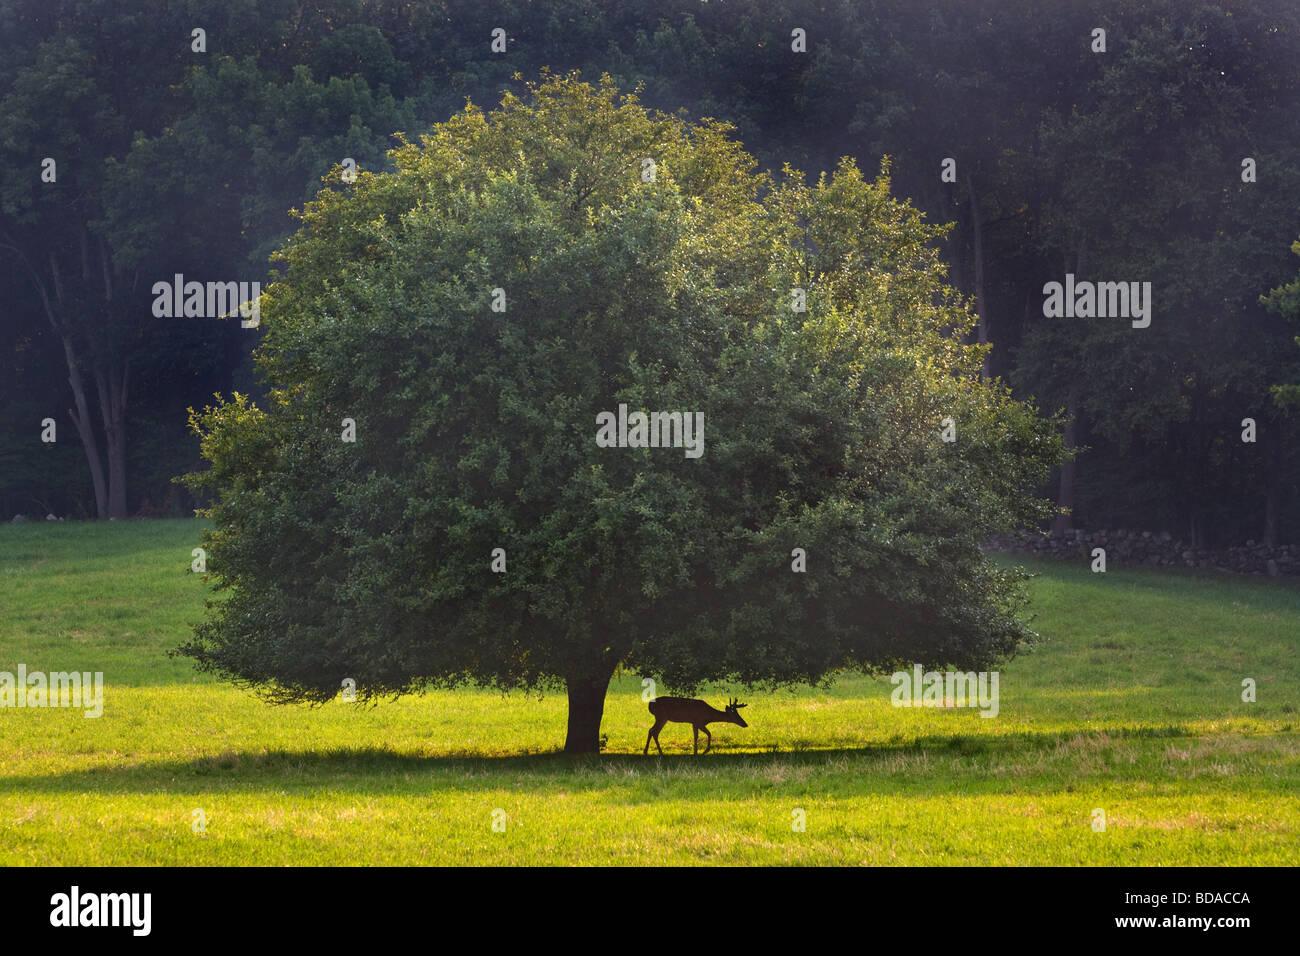 Un cerbiatto sotto un albero in arancione Connecticut USA Immagini Stock